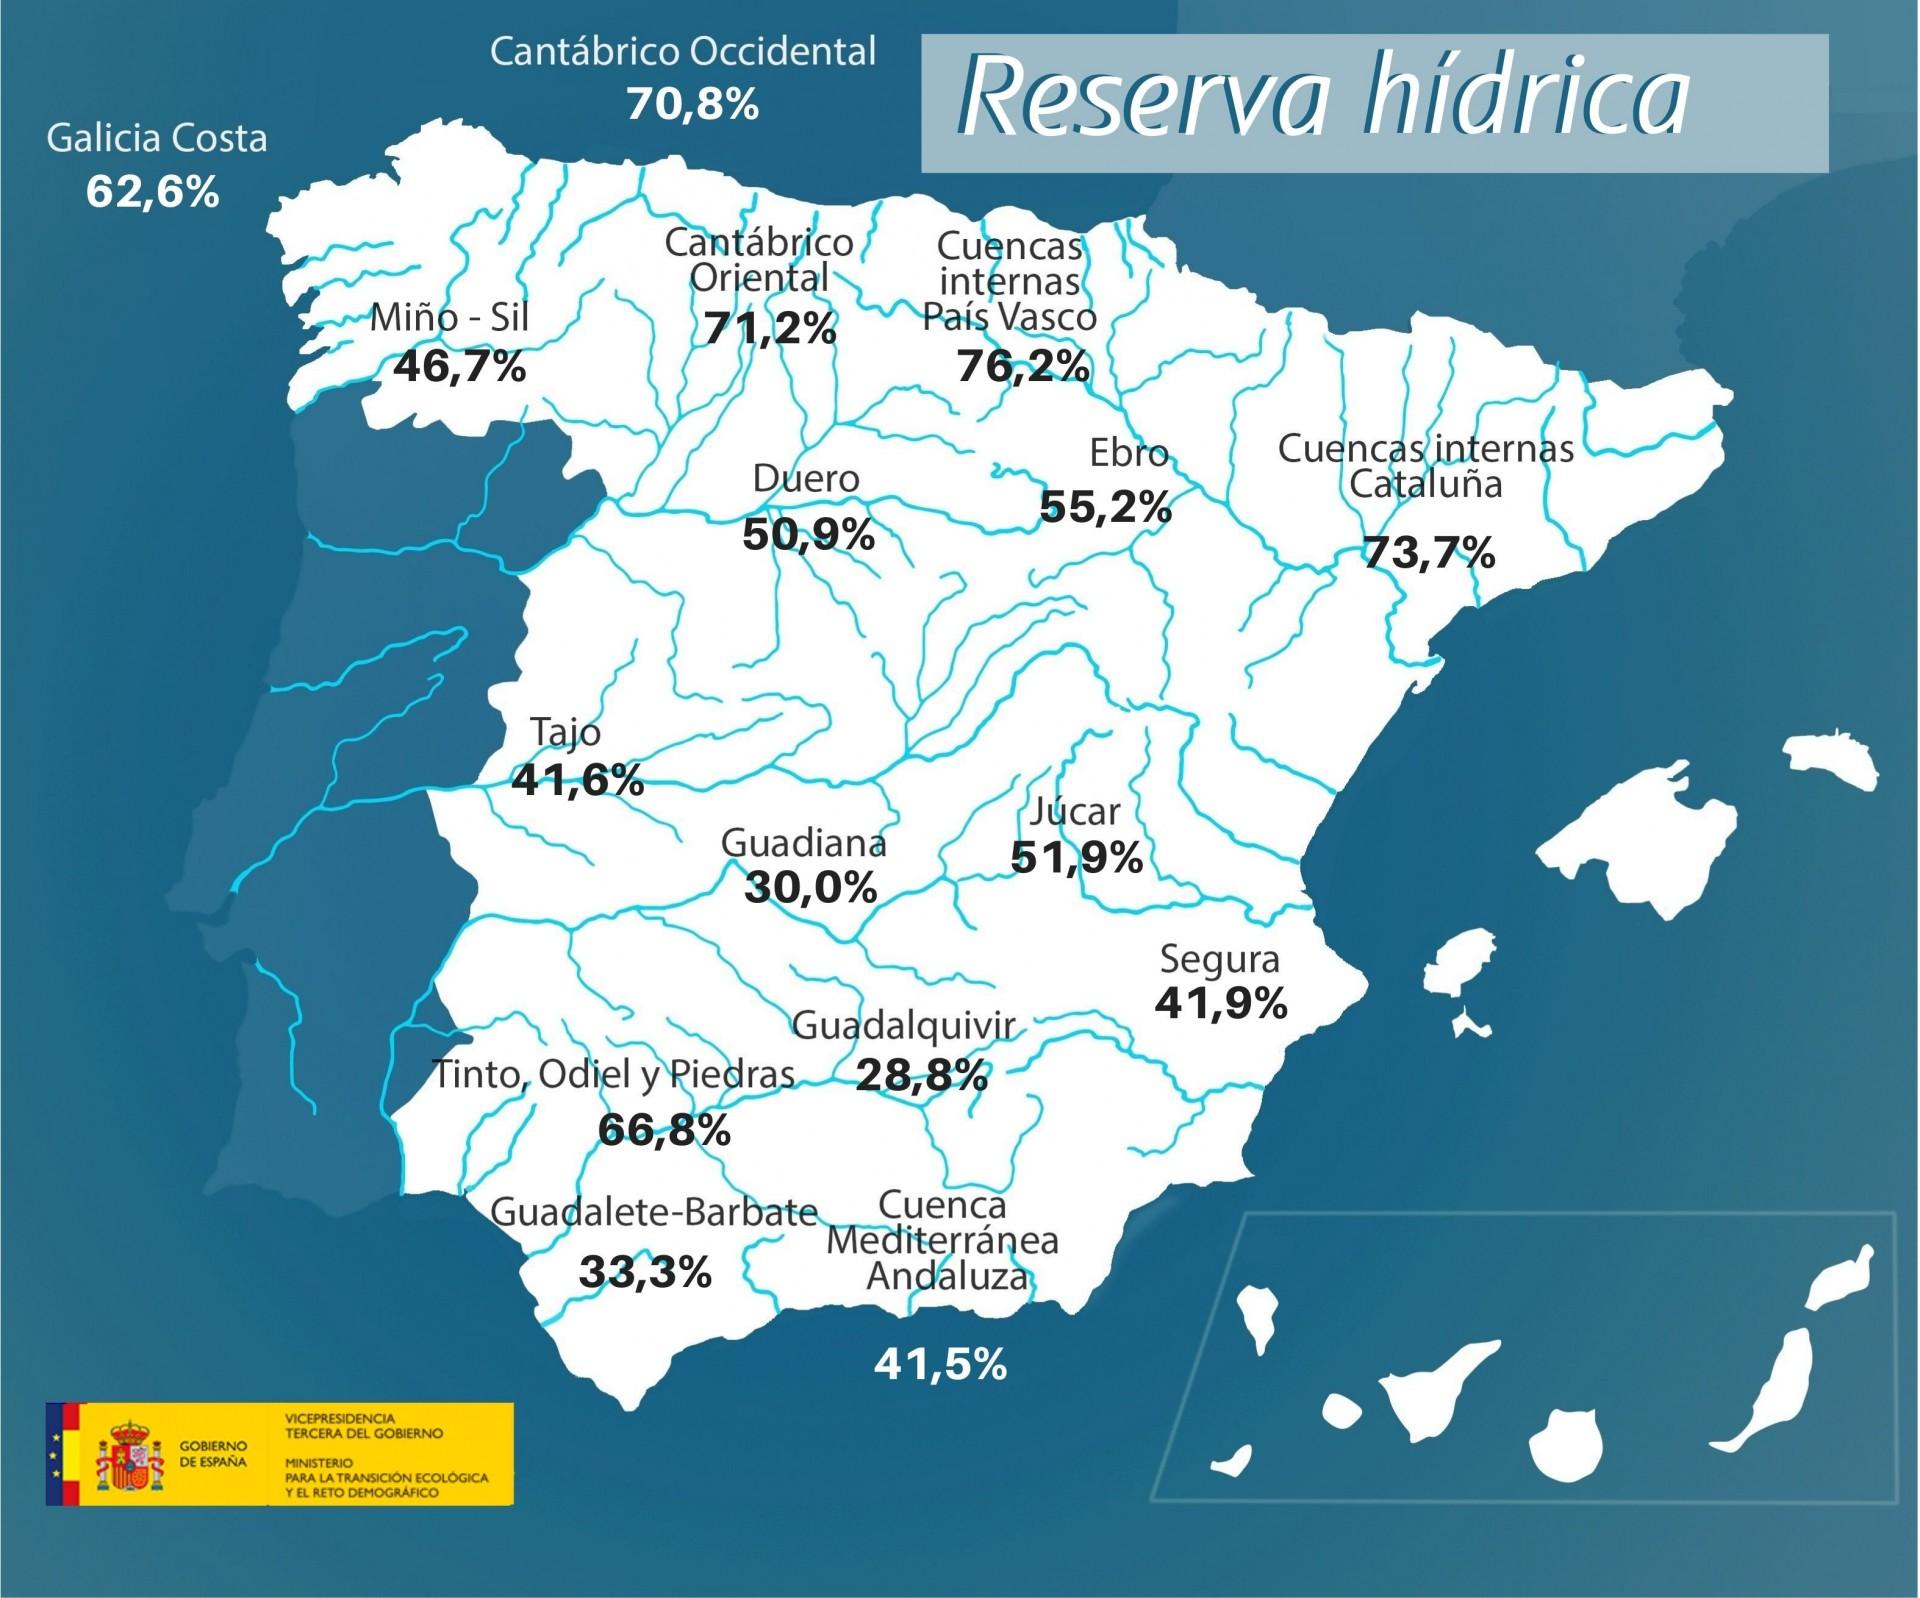 La reserva hídrica española se encuentra al 42,6 por ciento de su capacidad